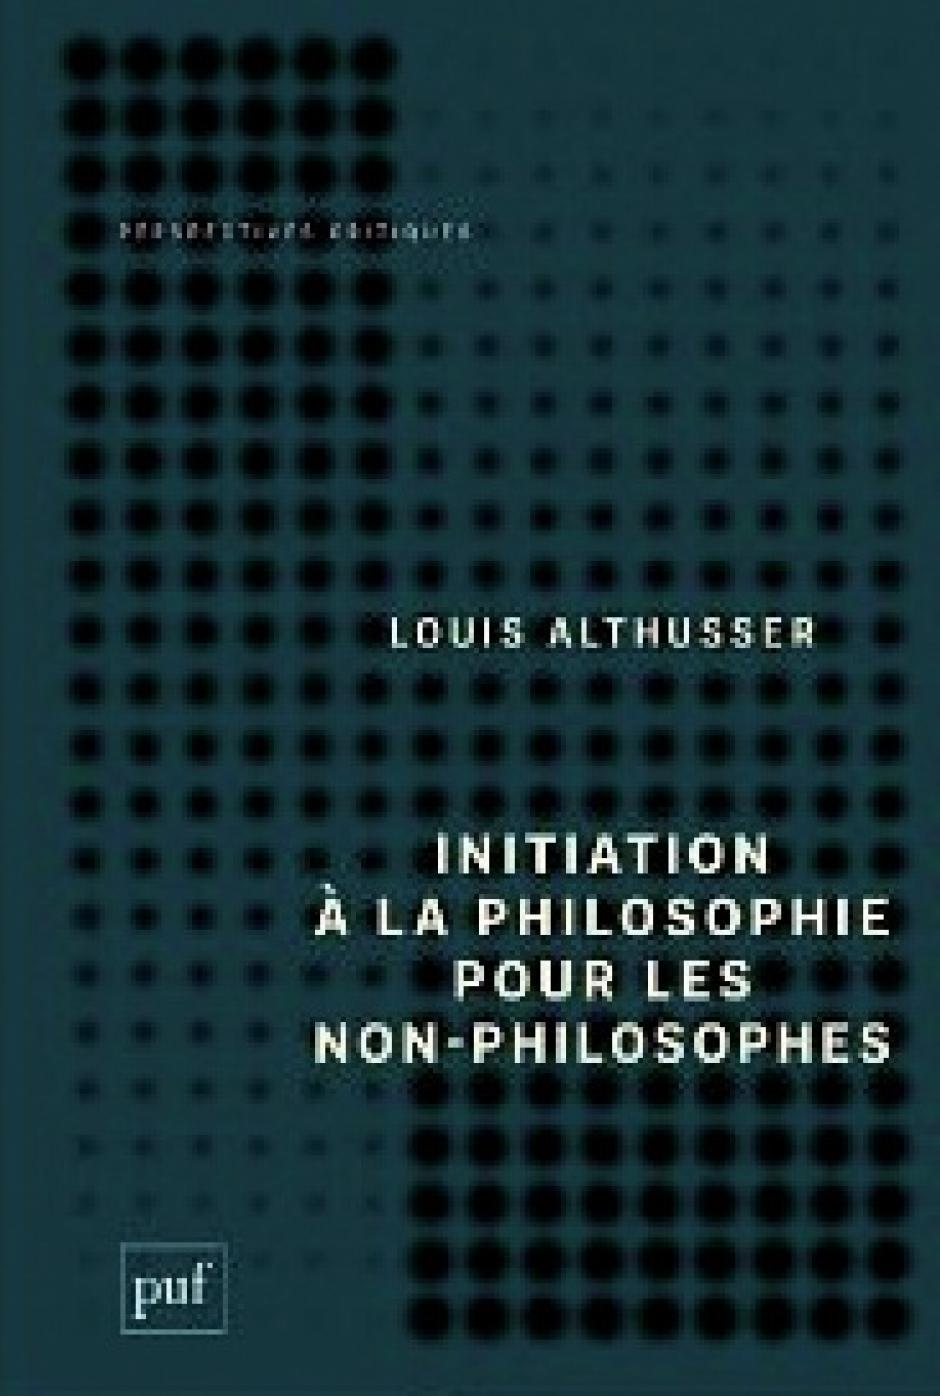 Initiation à la philosophie pour les non-philosophes, Louis Althusser